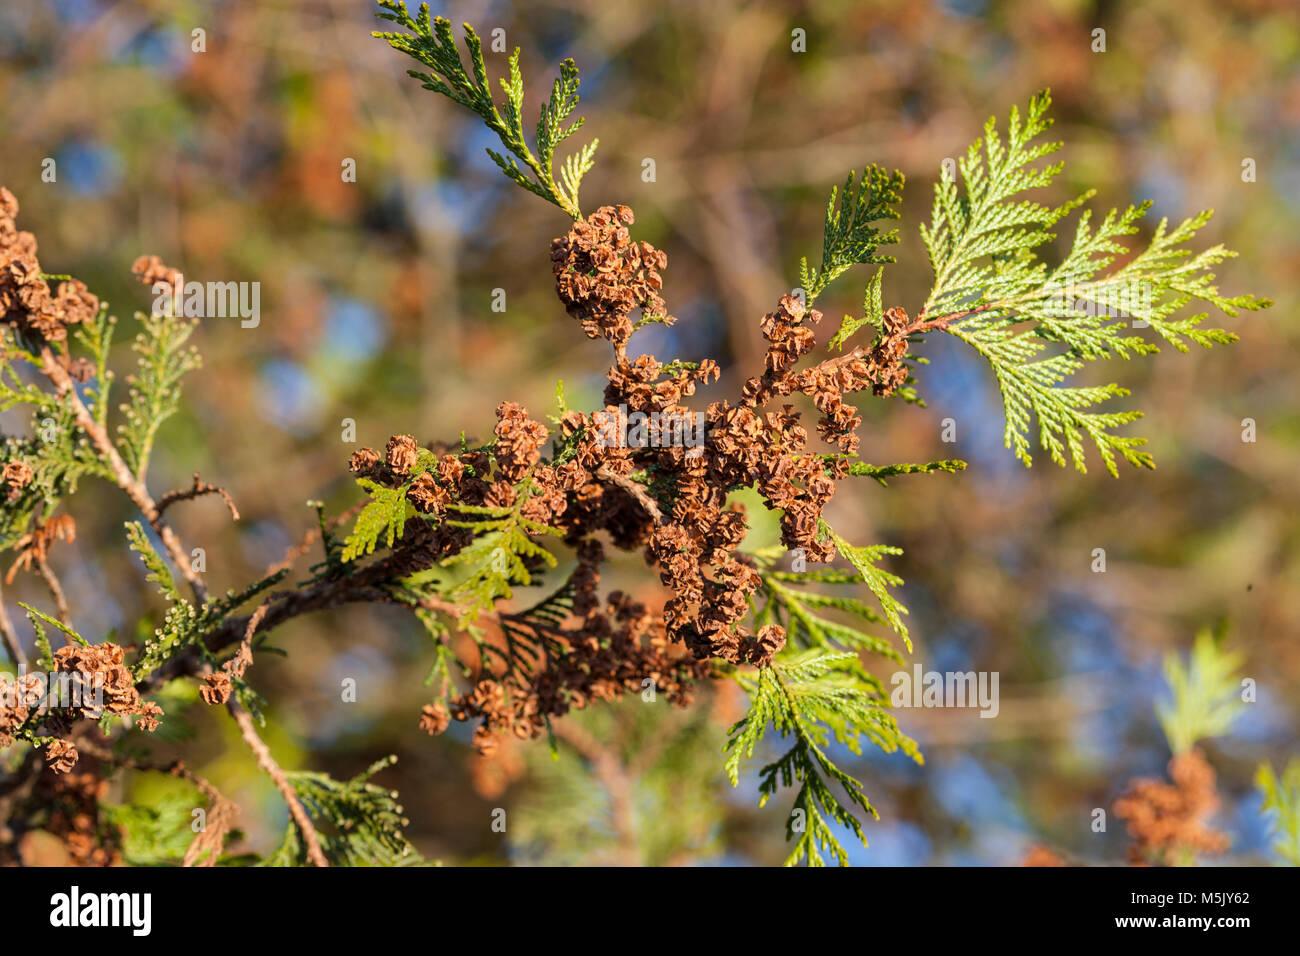 Sawara Cypress, Ärtcypress (Chamaecyparis pisifera) - Stock Image